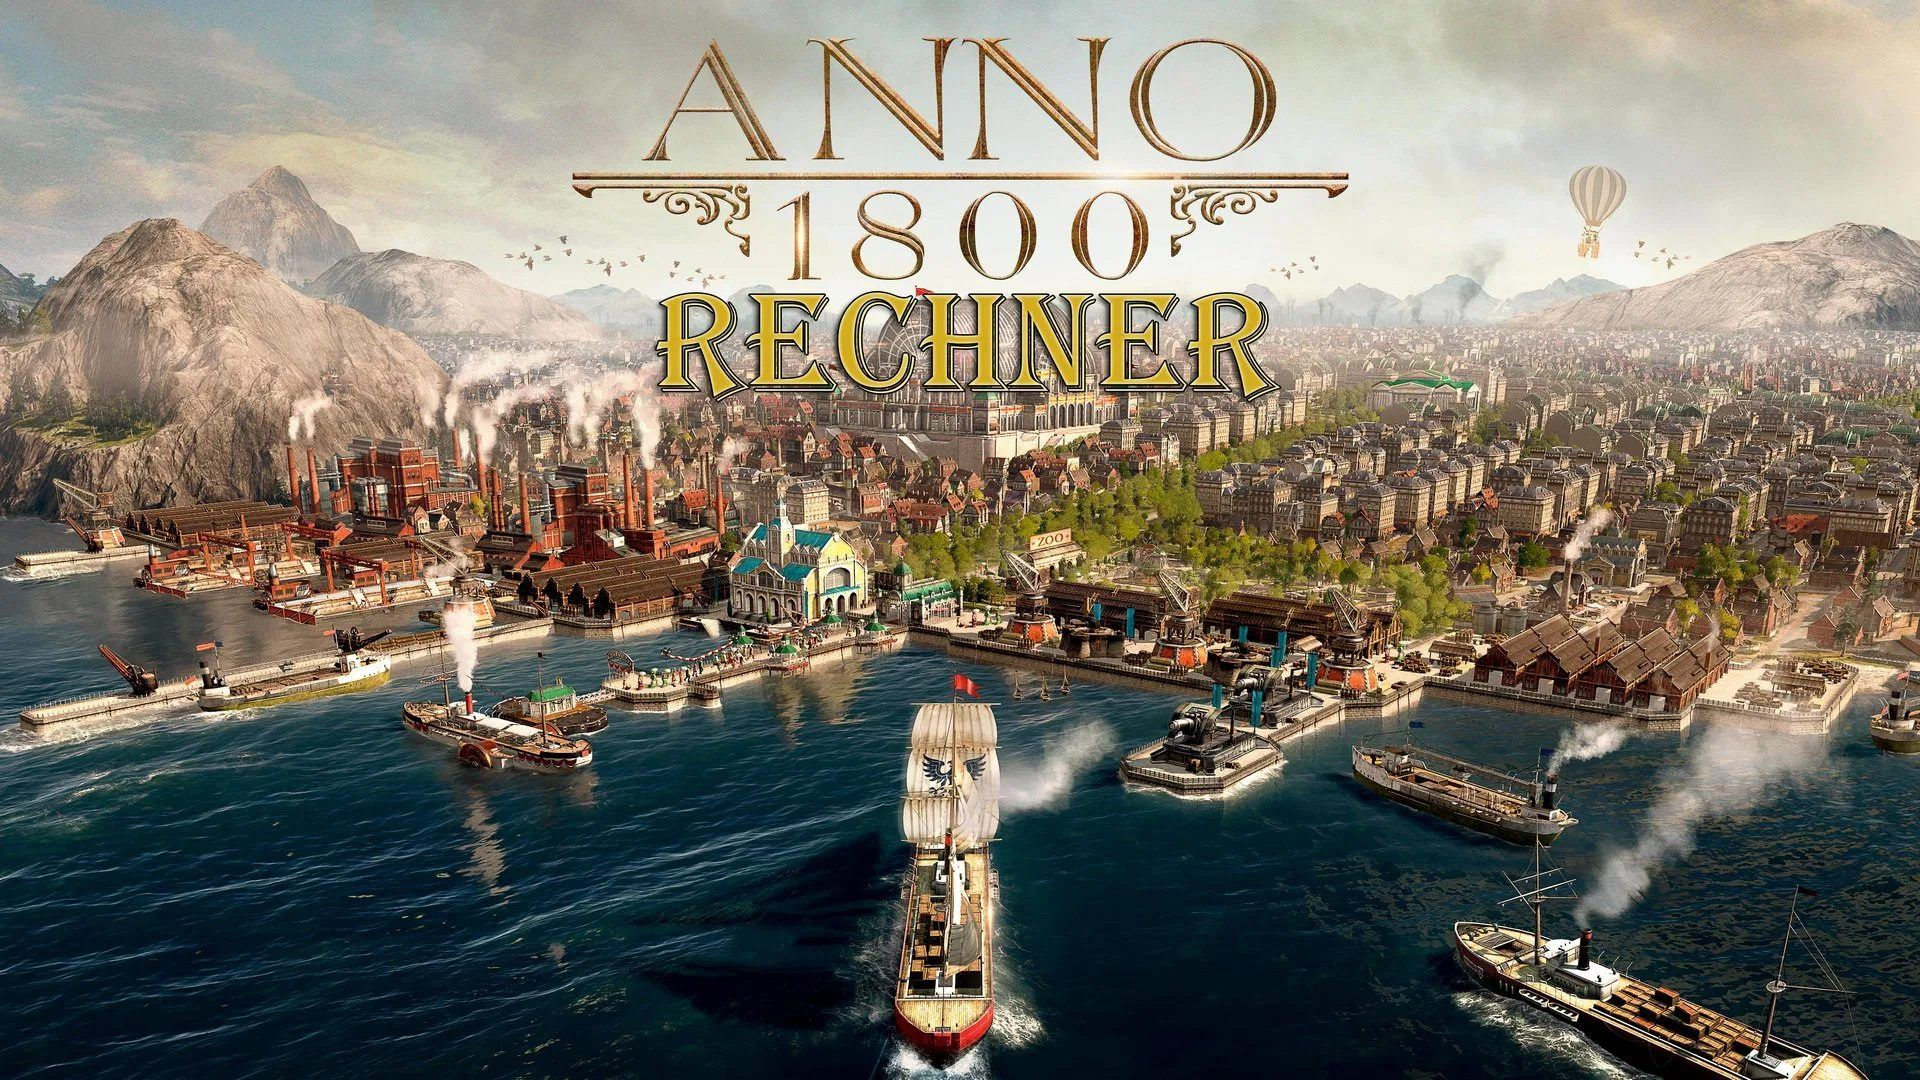 Teaserbild zum ultimativen Anno 1800-Rechner